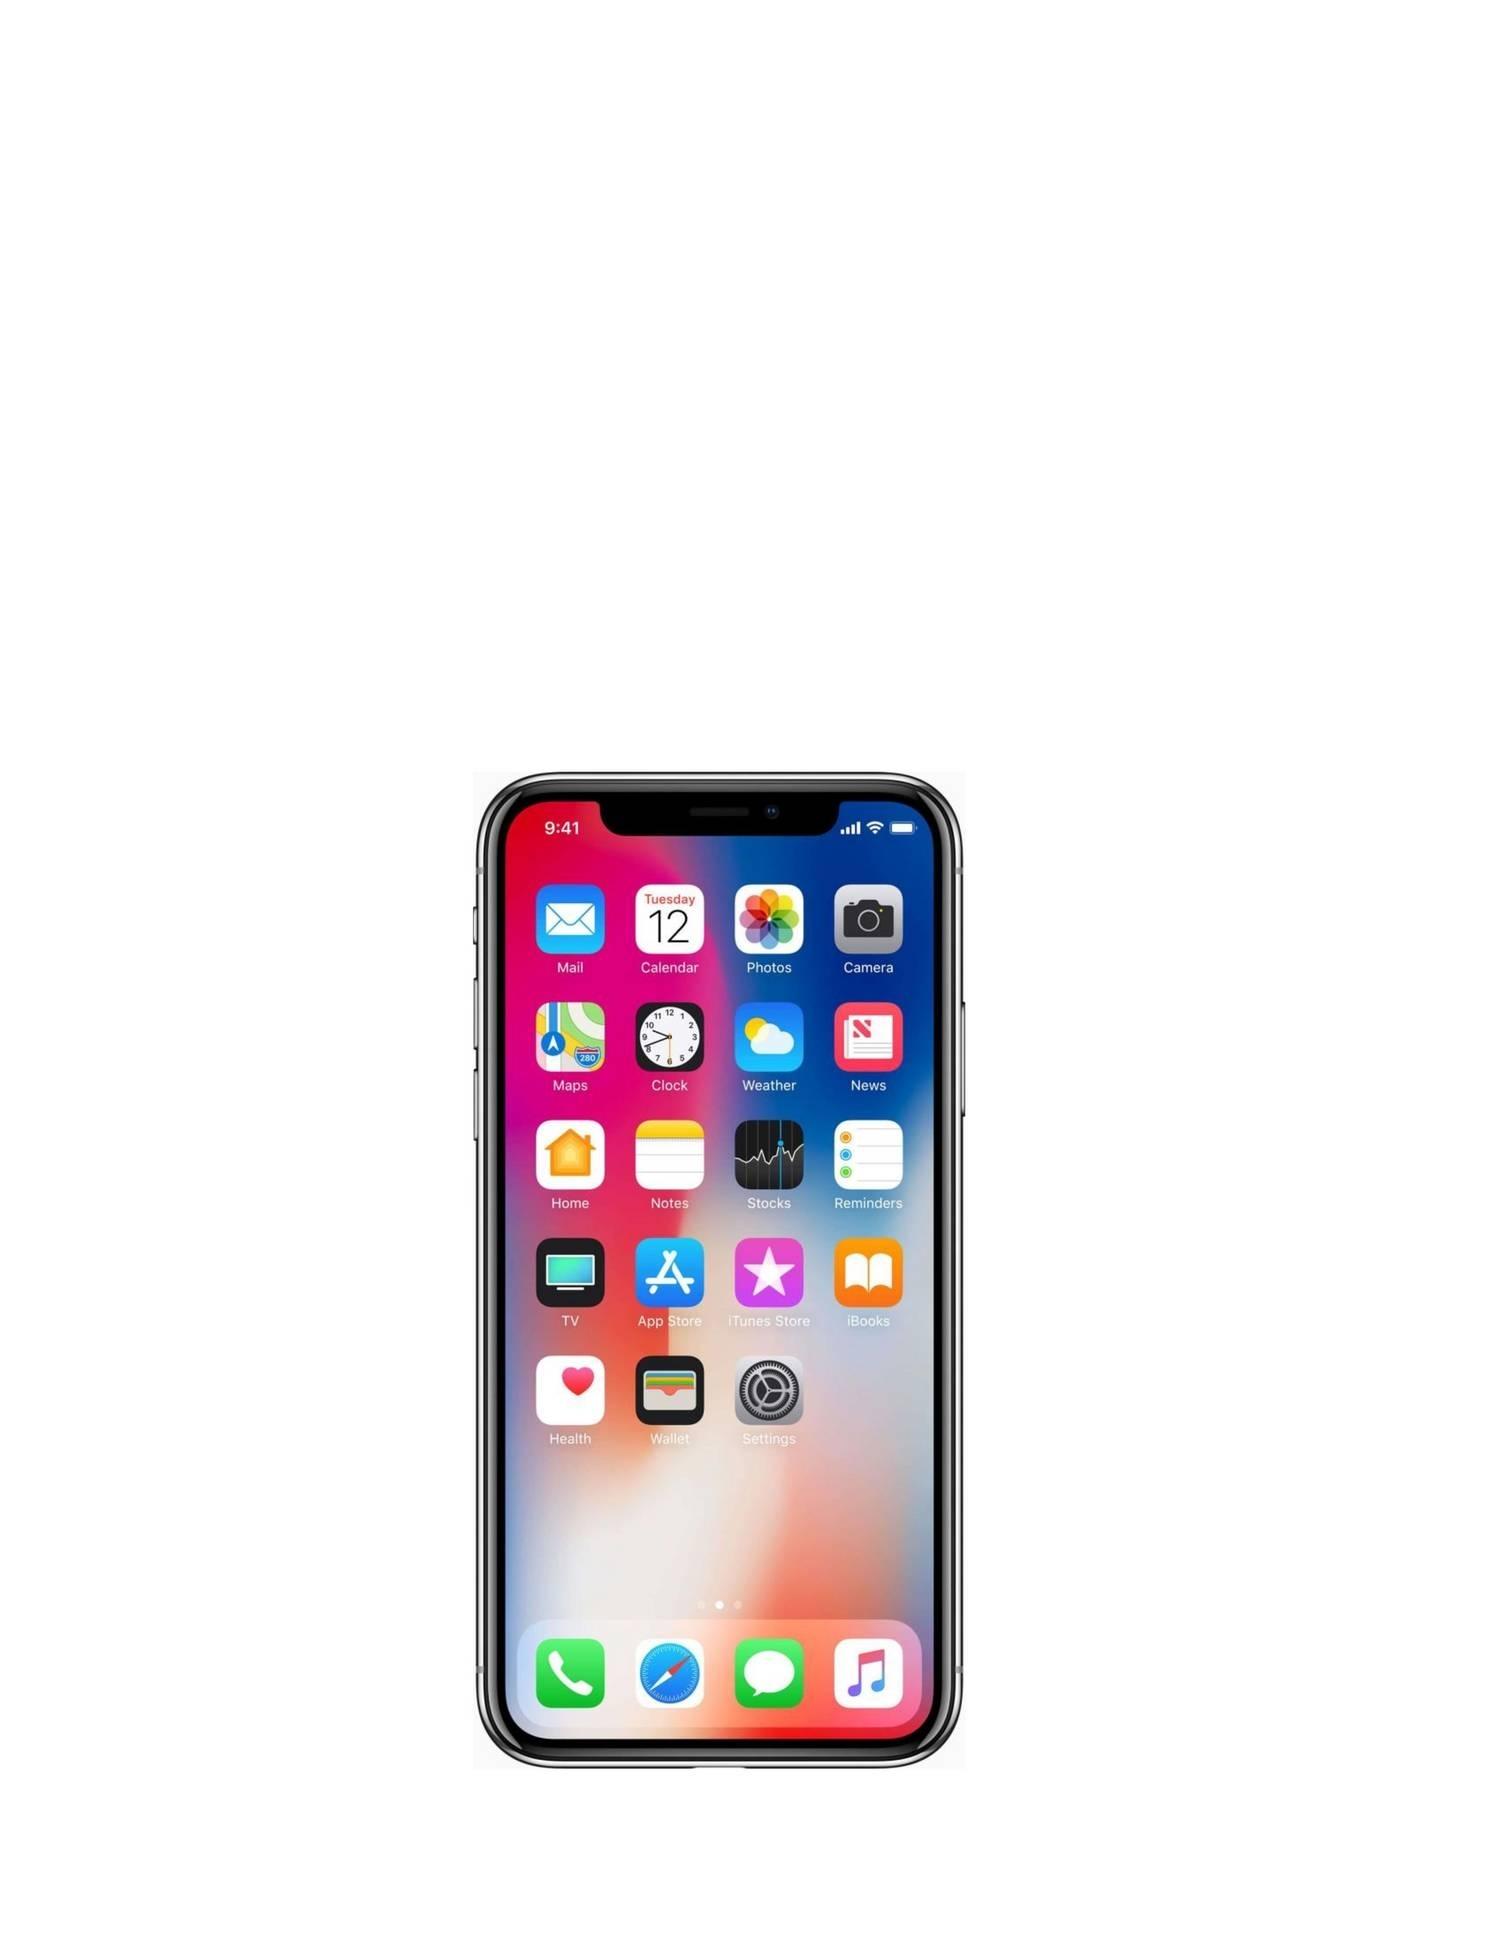 Iphone X Printout Actual Size.docx | Docdroid